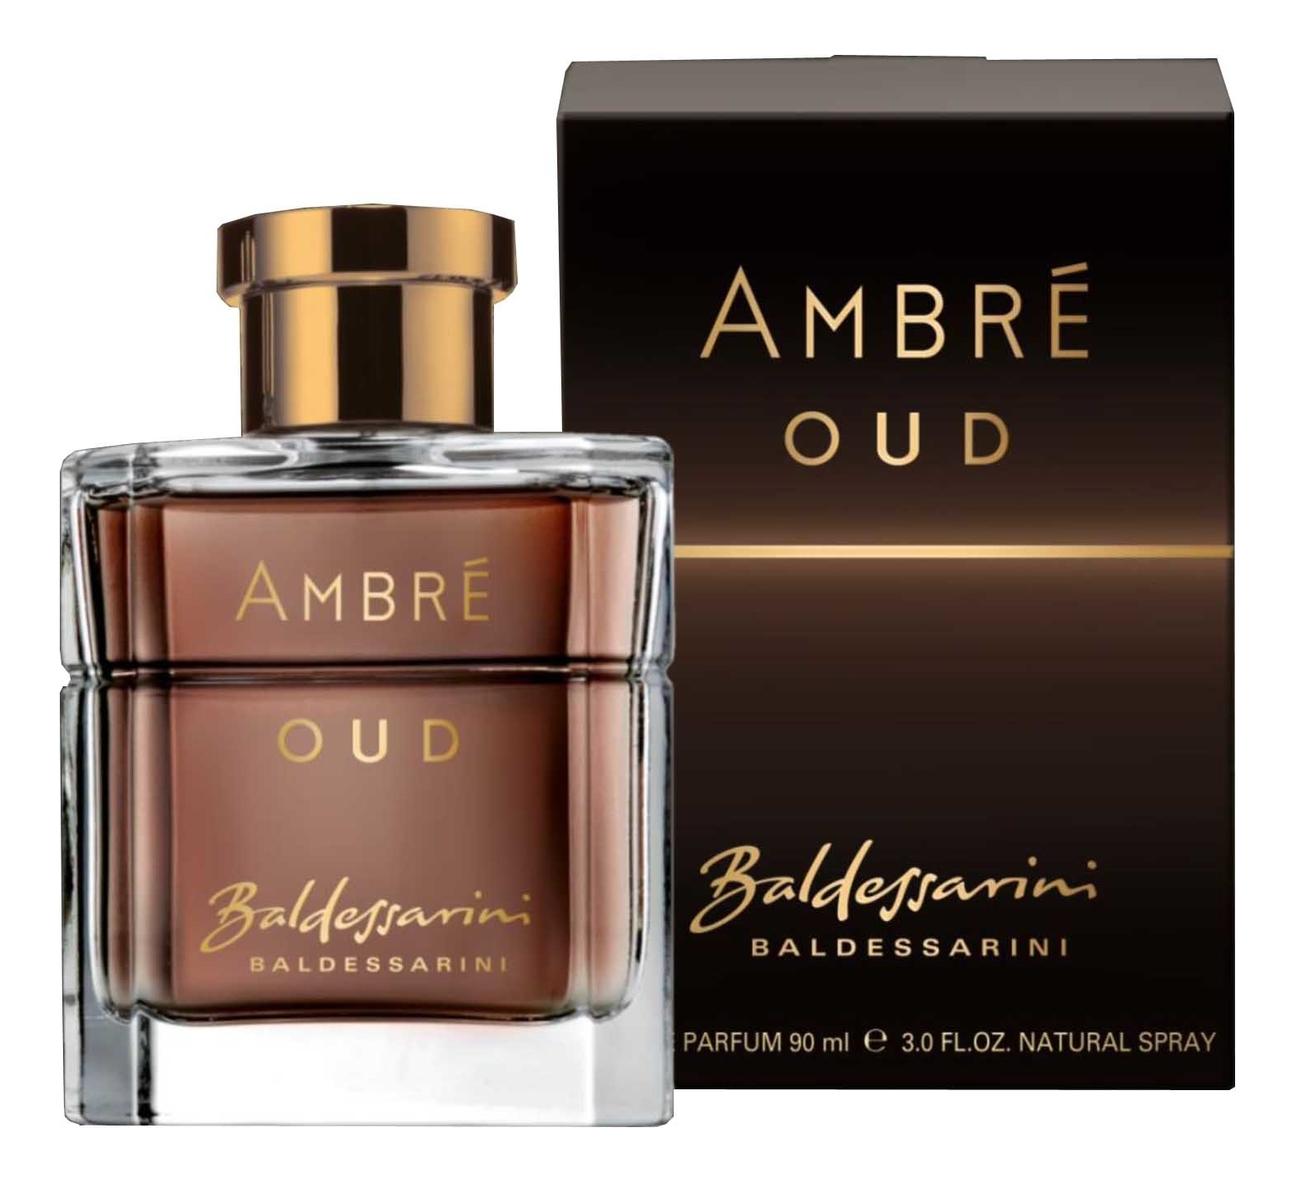 Купить Ambre Oud: парфюмерная вода 90мл, Baldessarini